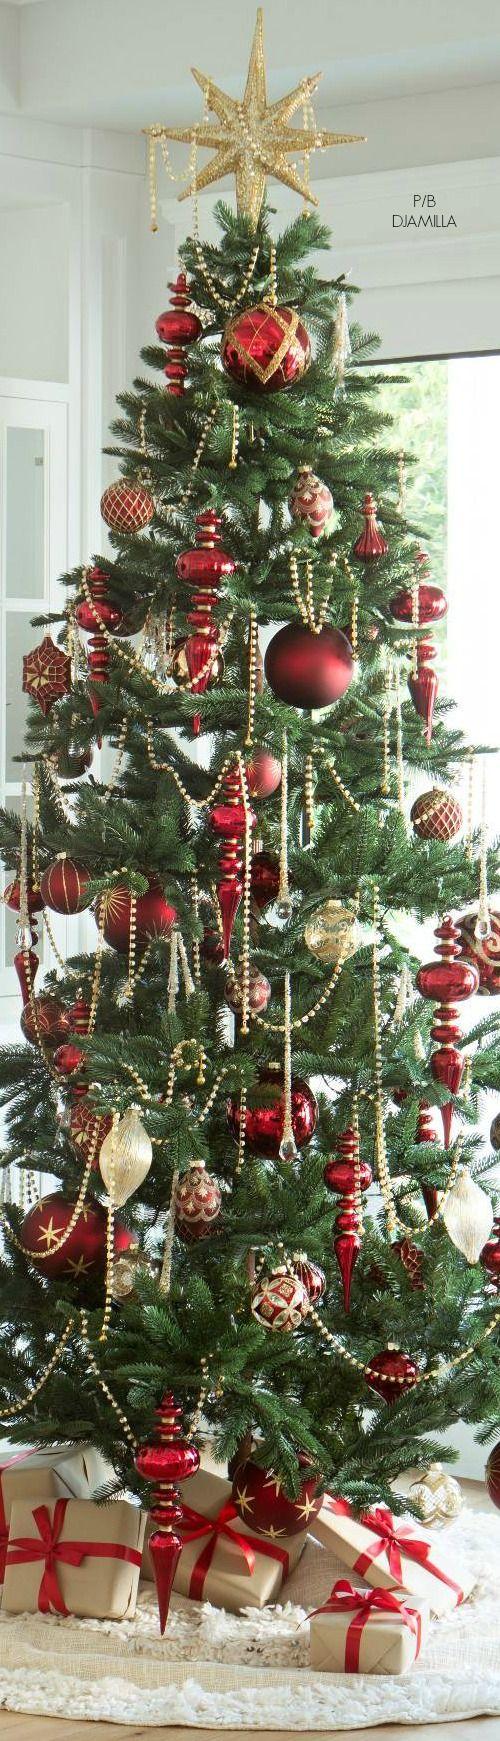 Christmas#balsamhill